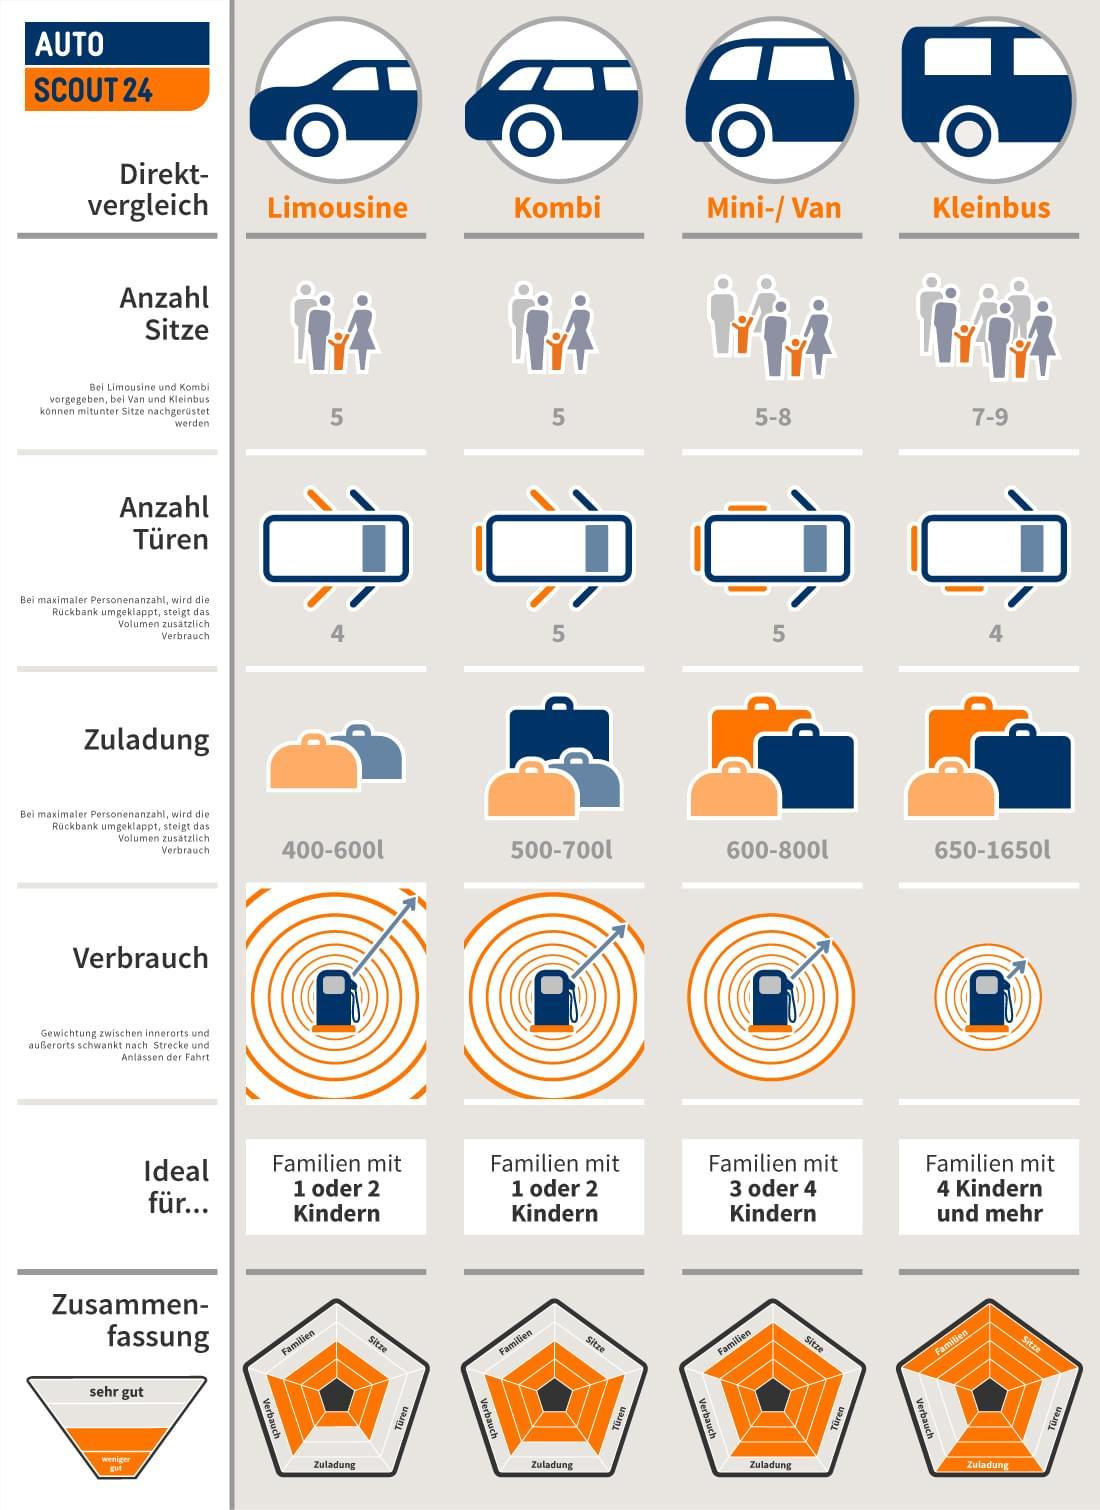 Limousine, Kombi, Van und Kleinbus im Direktvergleich [Infografik]